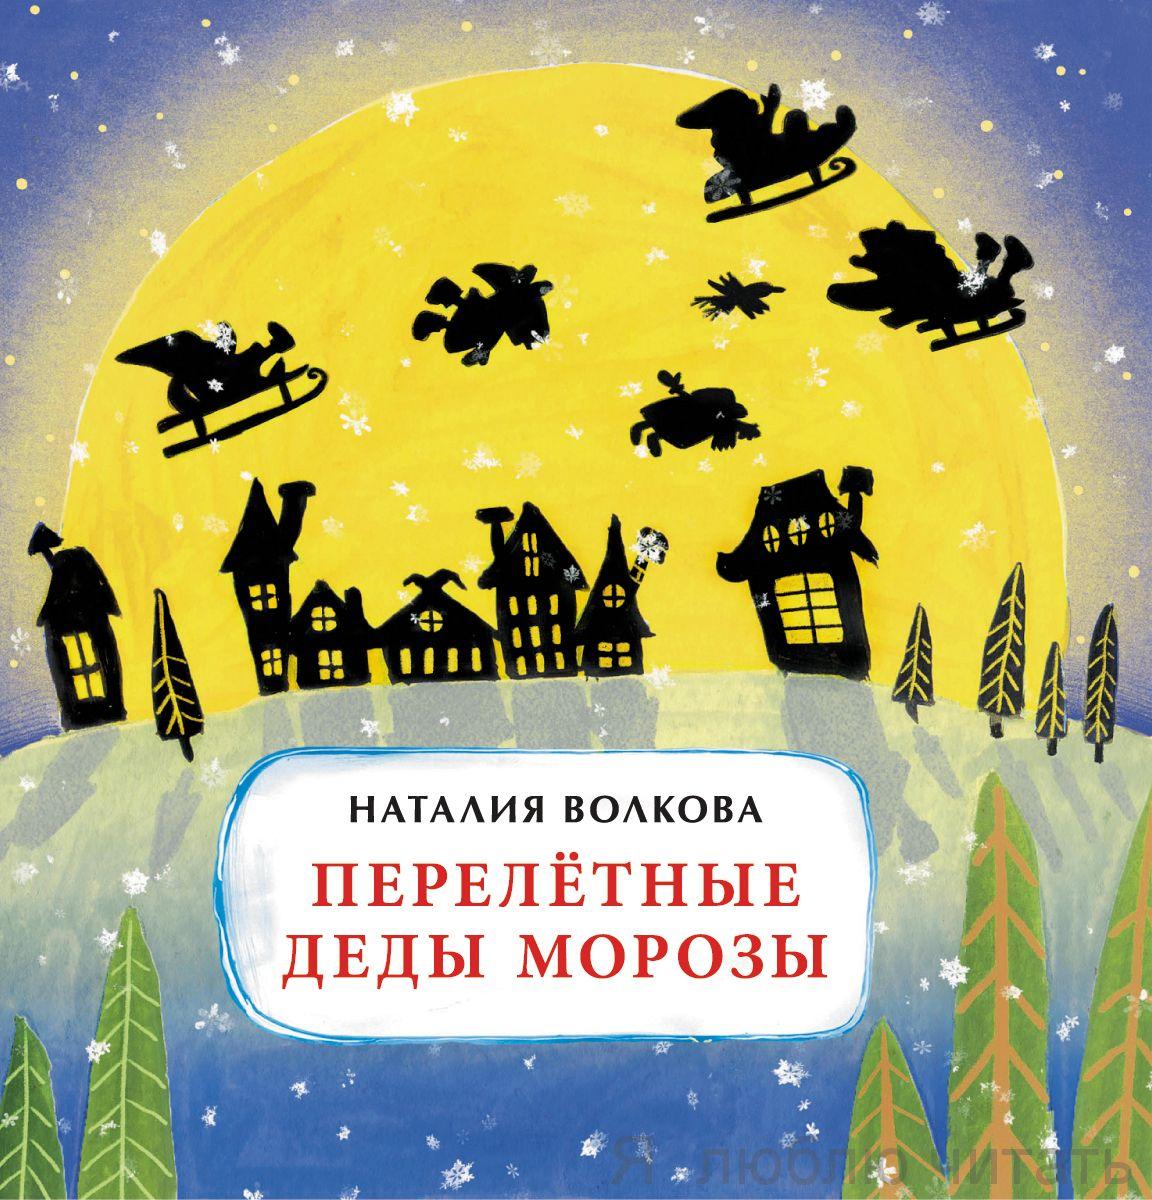 Книга «Перелётные деды морозы»